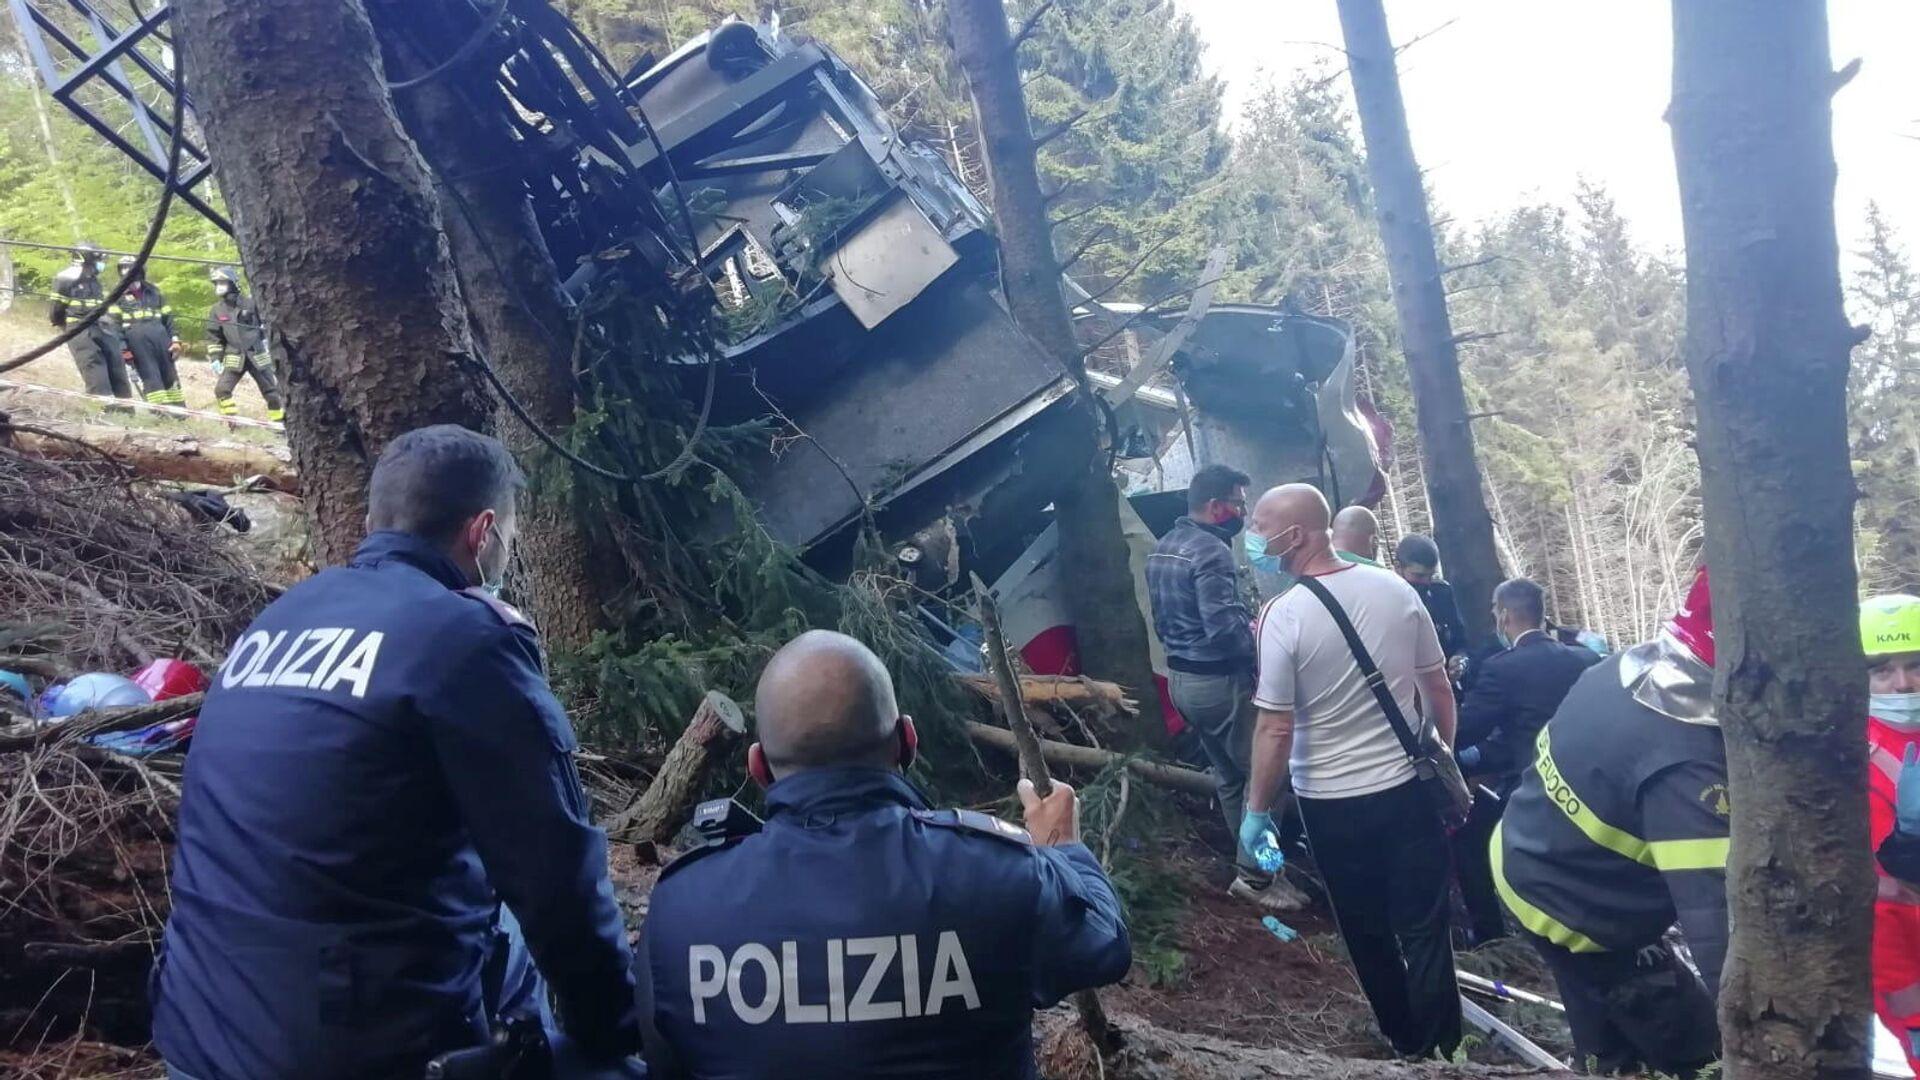 Сотрудники полиции и спасатели на месте падения кабины фуникулера в Пьемонте, Италия - РИА Новости, 1920, 17.06.2021